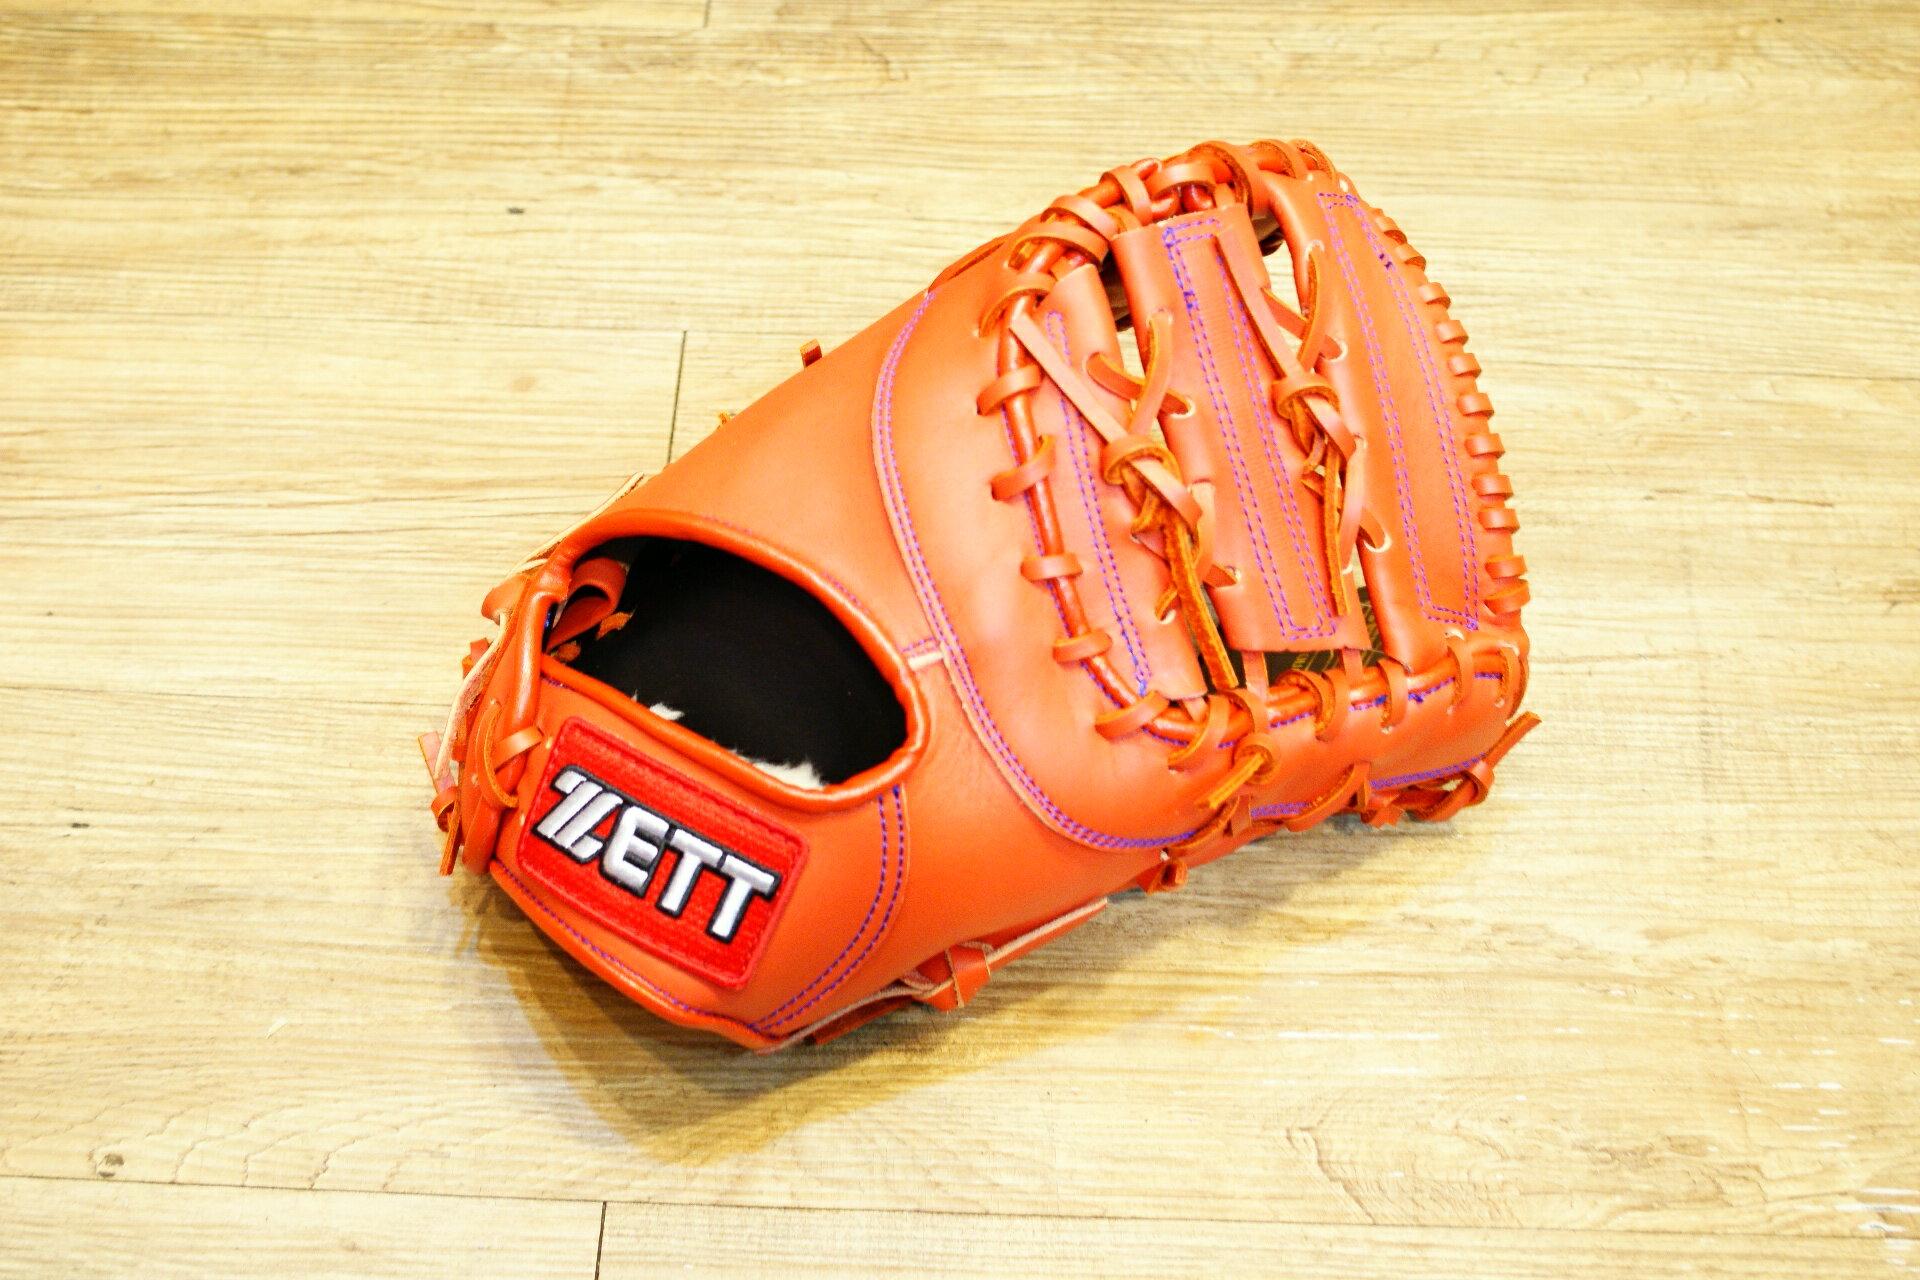 棒球世界 全新ZETT棒球一壘手手套 橘色 特價 加送手套袋 8703 系列